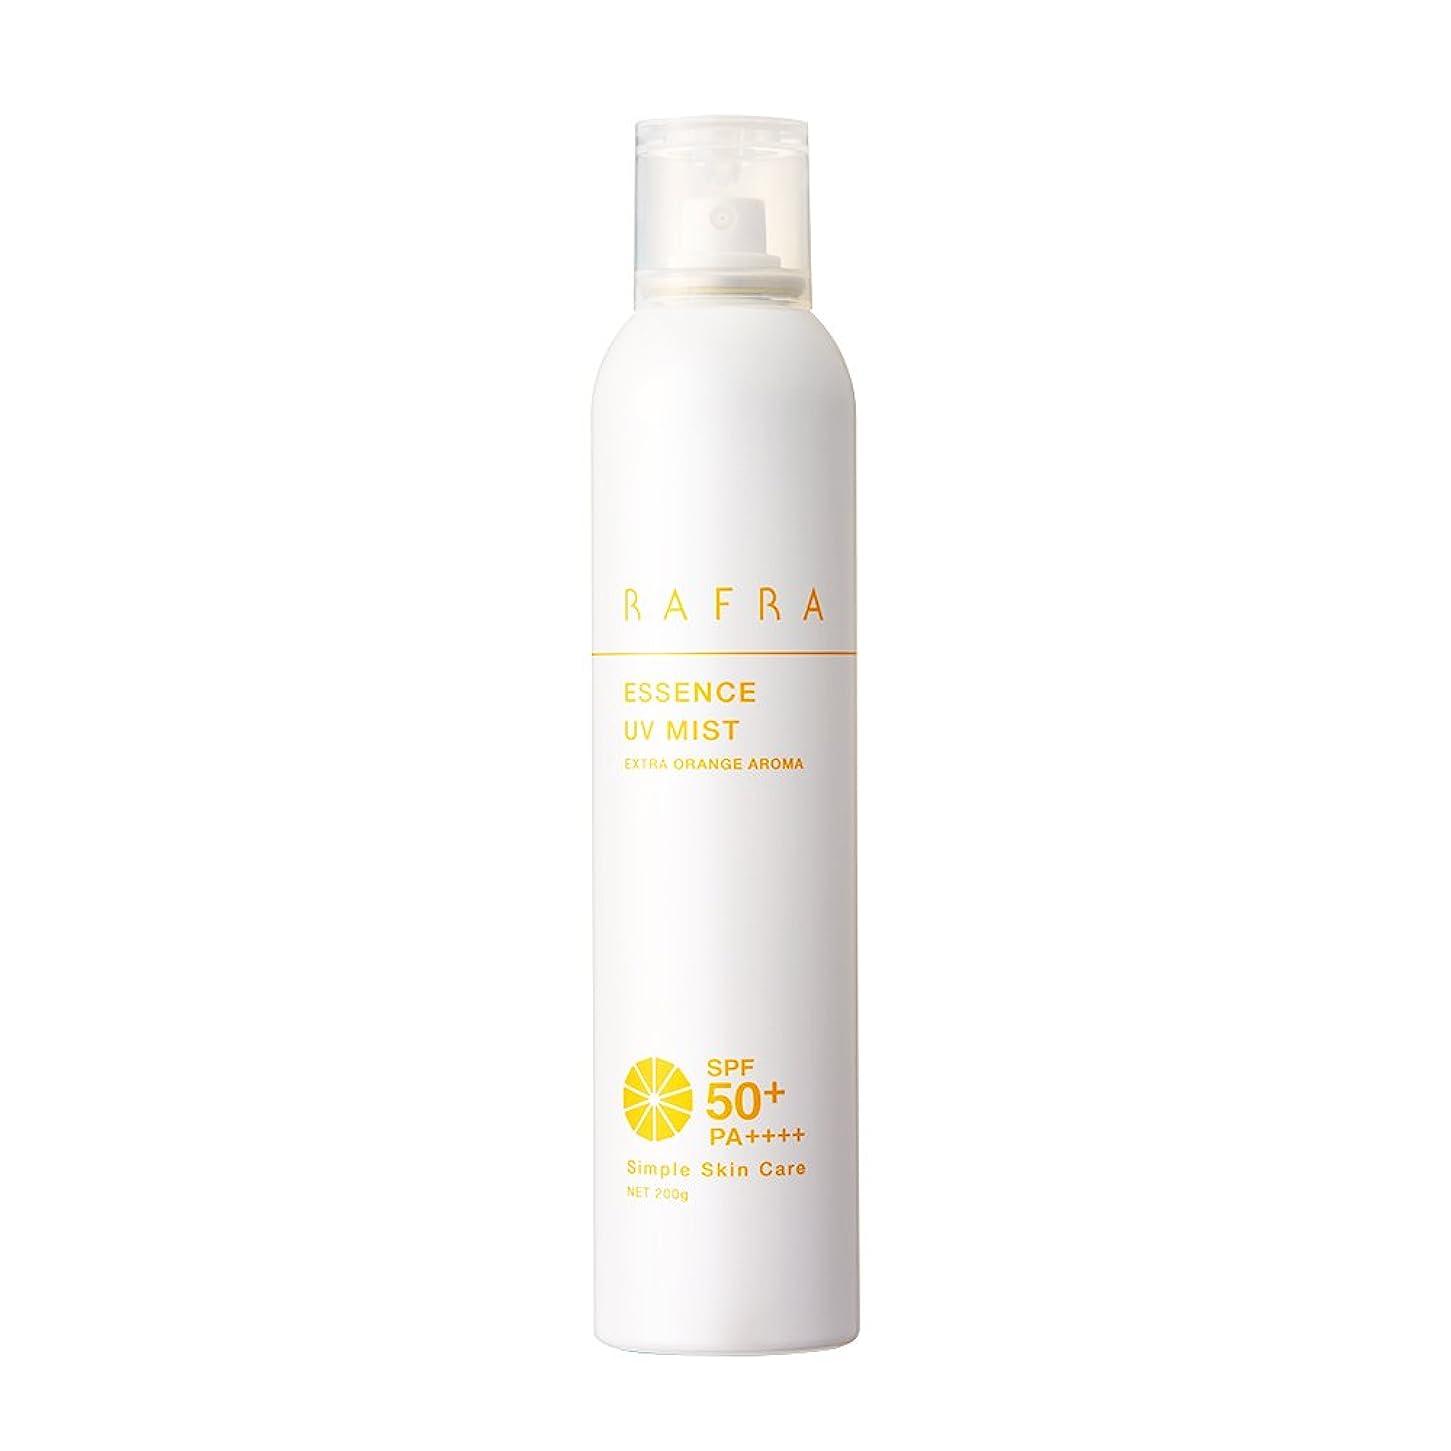 お香ヒゲ開発するラフラ エッセンス UVミスト 200g SPF50+ PA++++ 日焼け止めスプレー